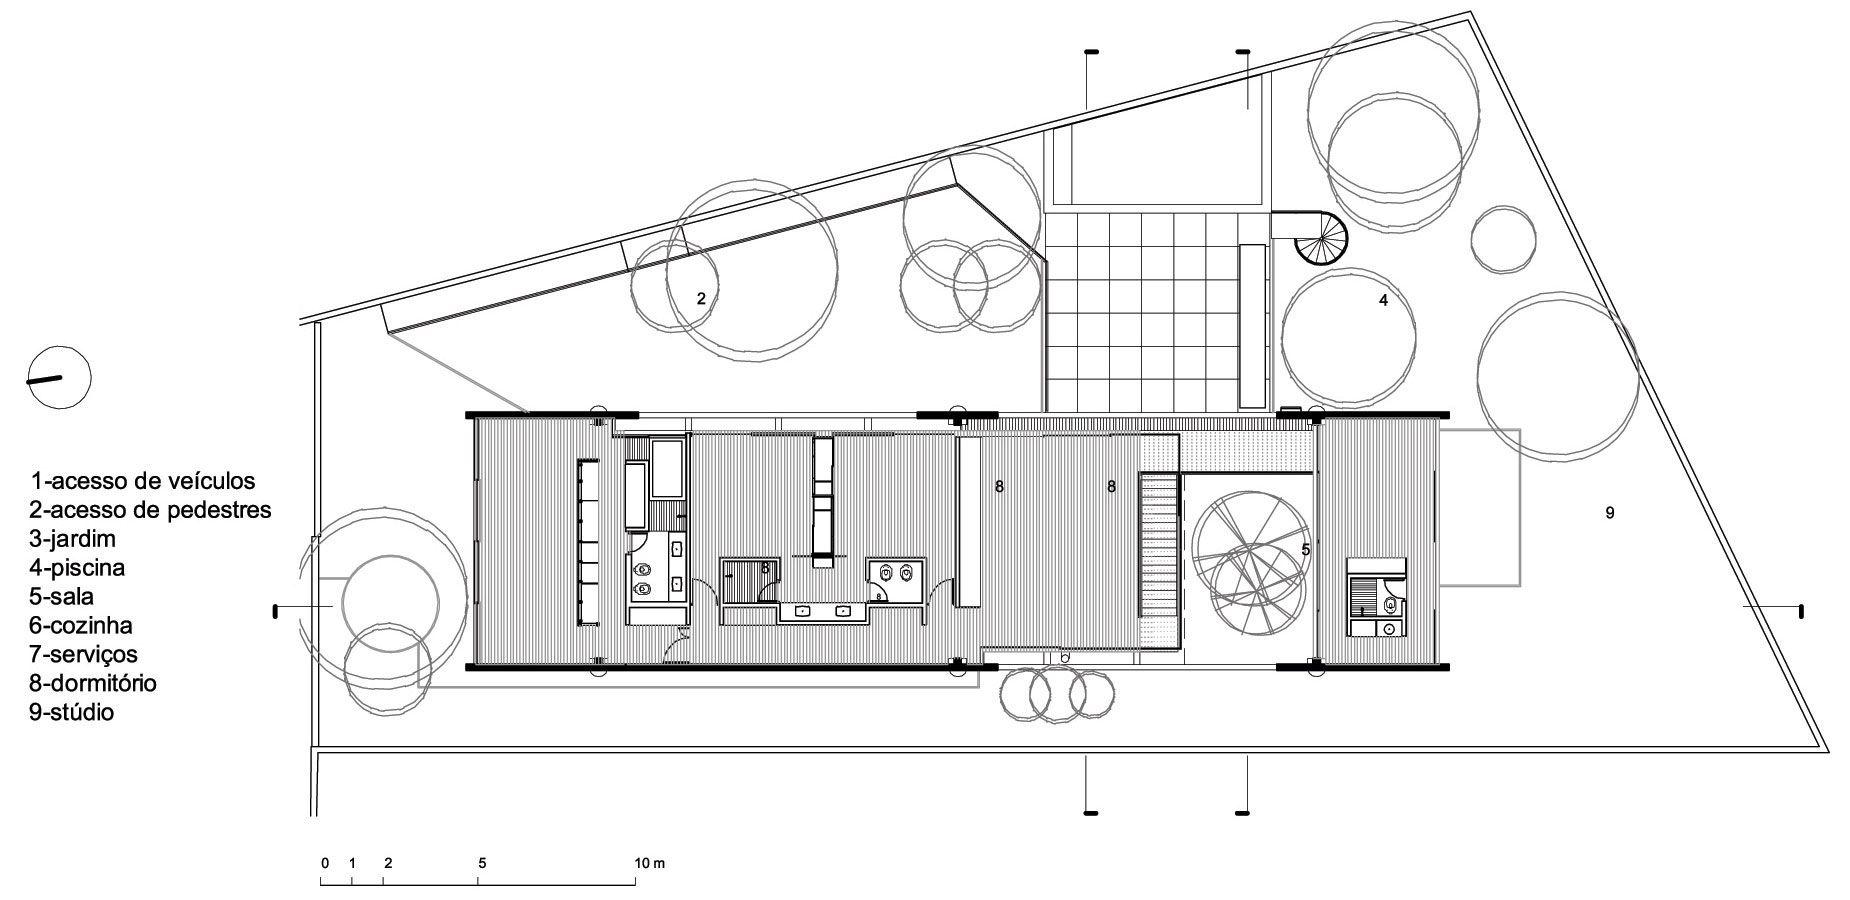 Residence-in-Itanhanga-21